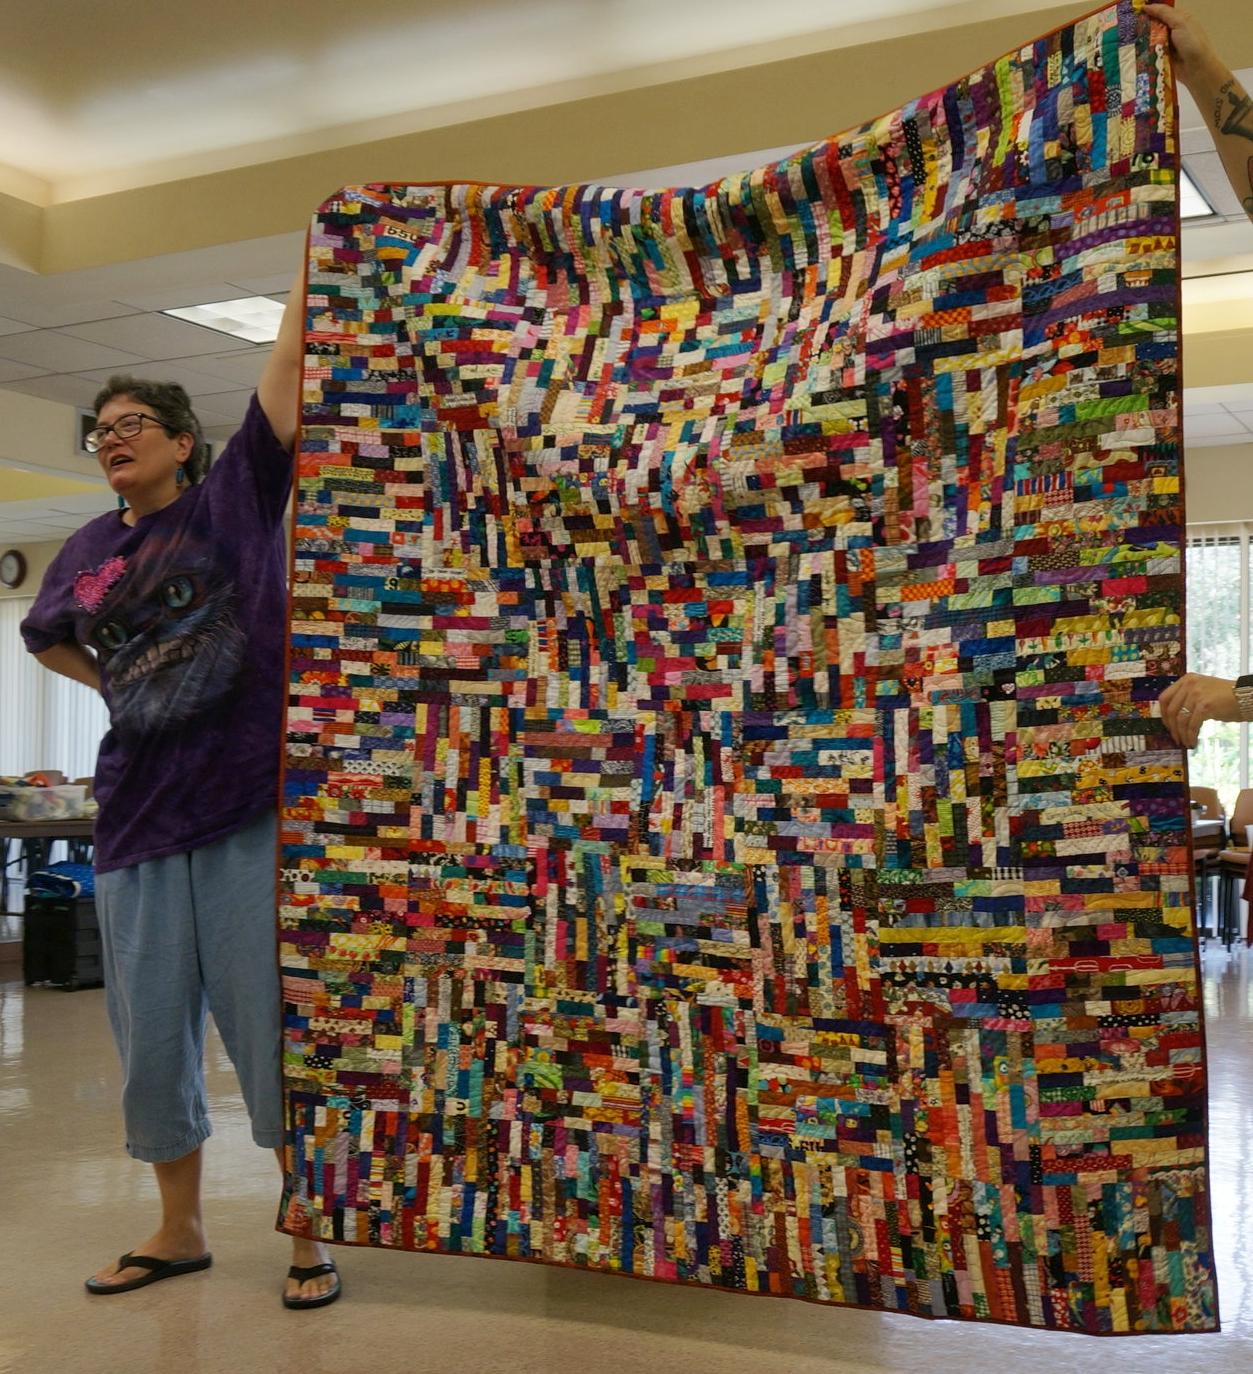 Tonya Ricucci's scrap quilt